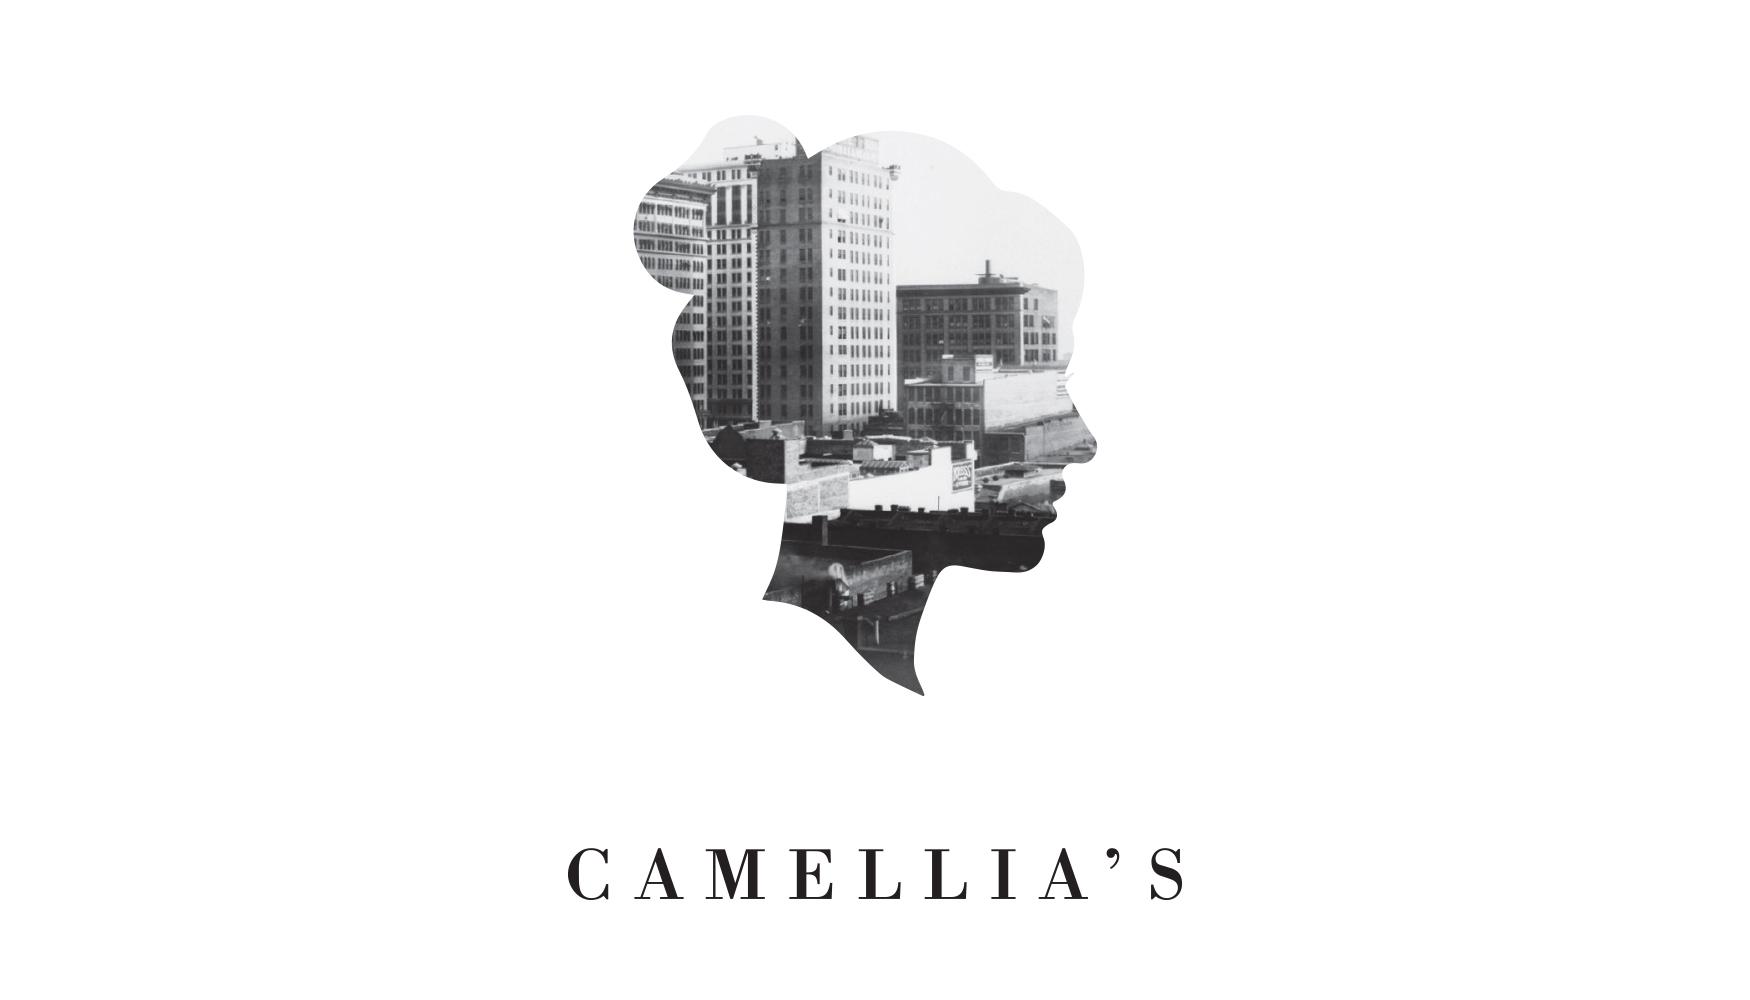 Camellias_logo.jpg